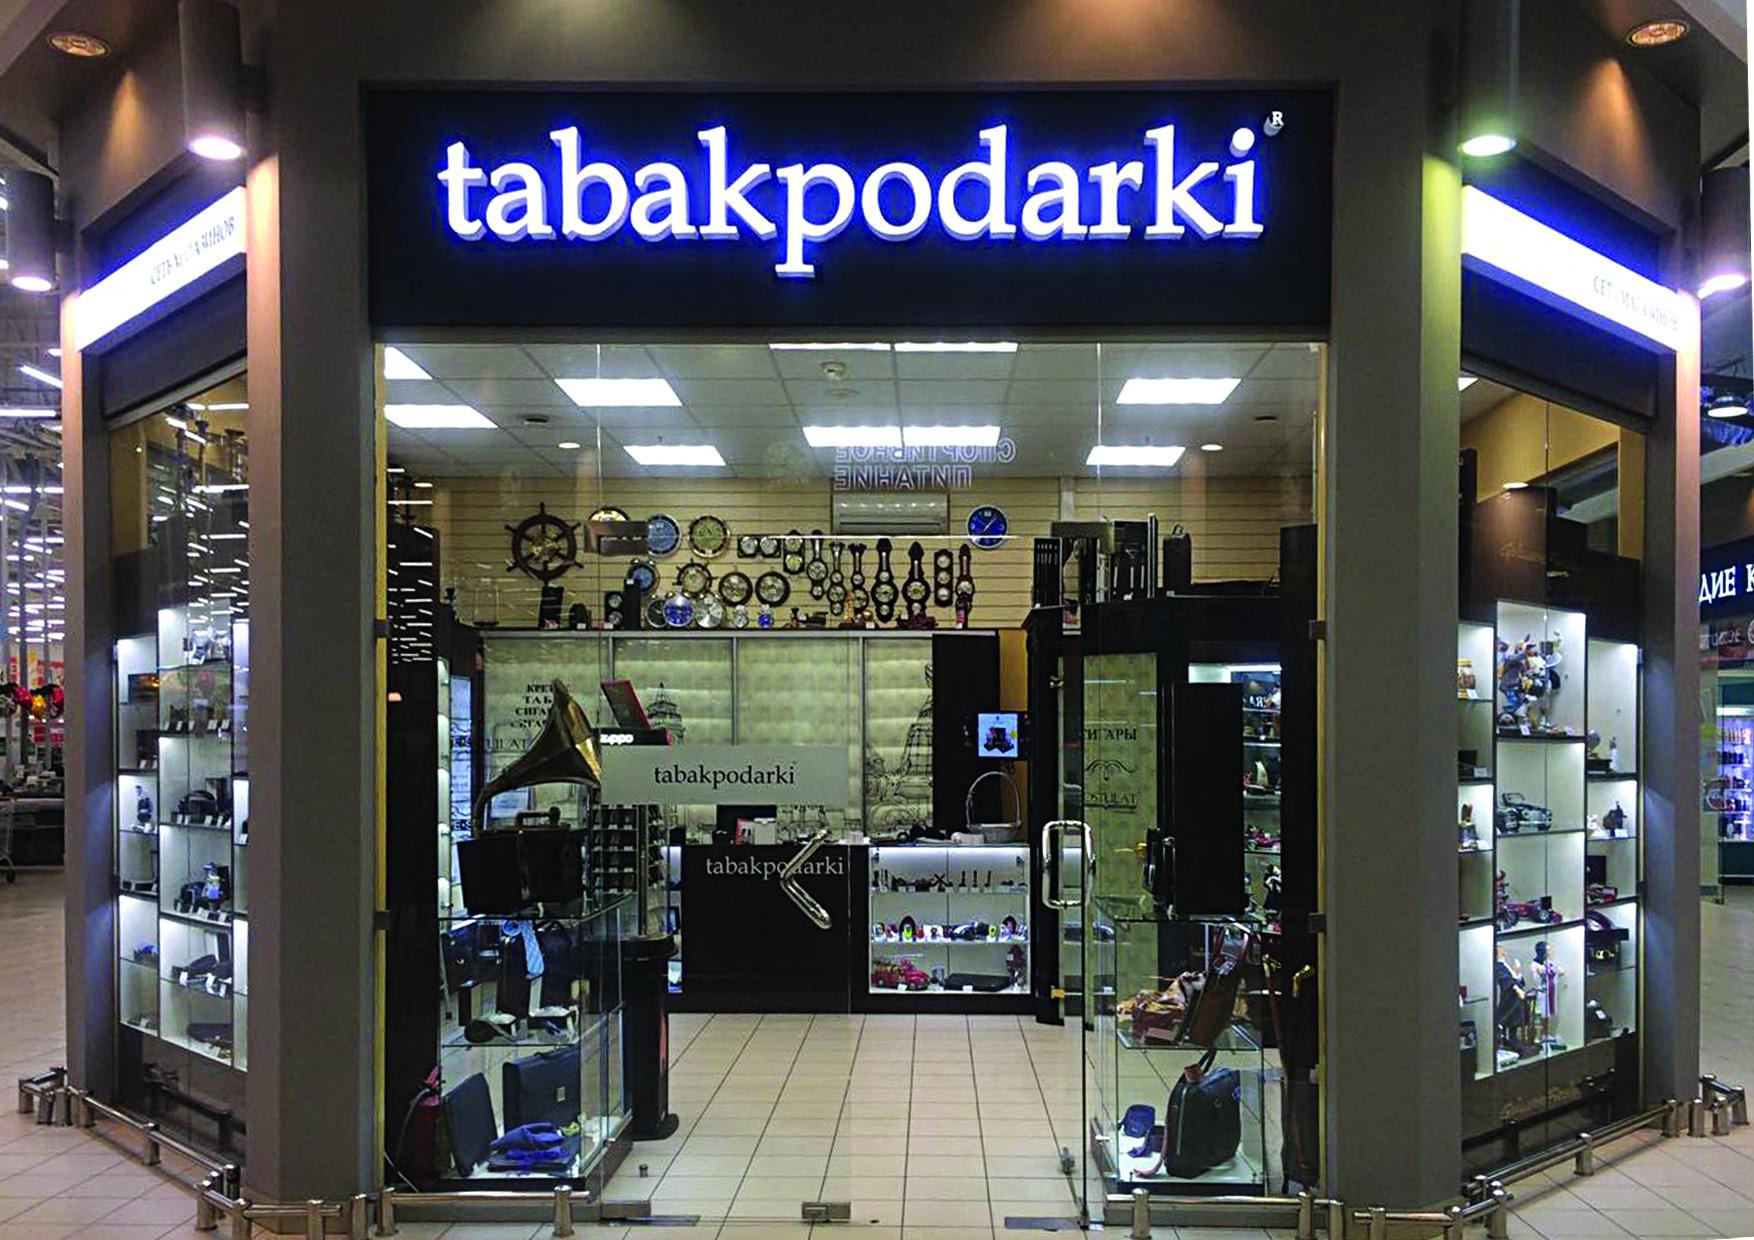 Магазин Tabakpodarki расположен в ТК Электра в Санкт-Петербурге